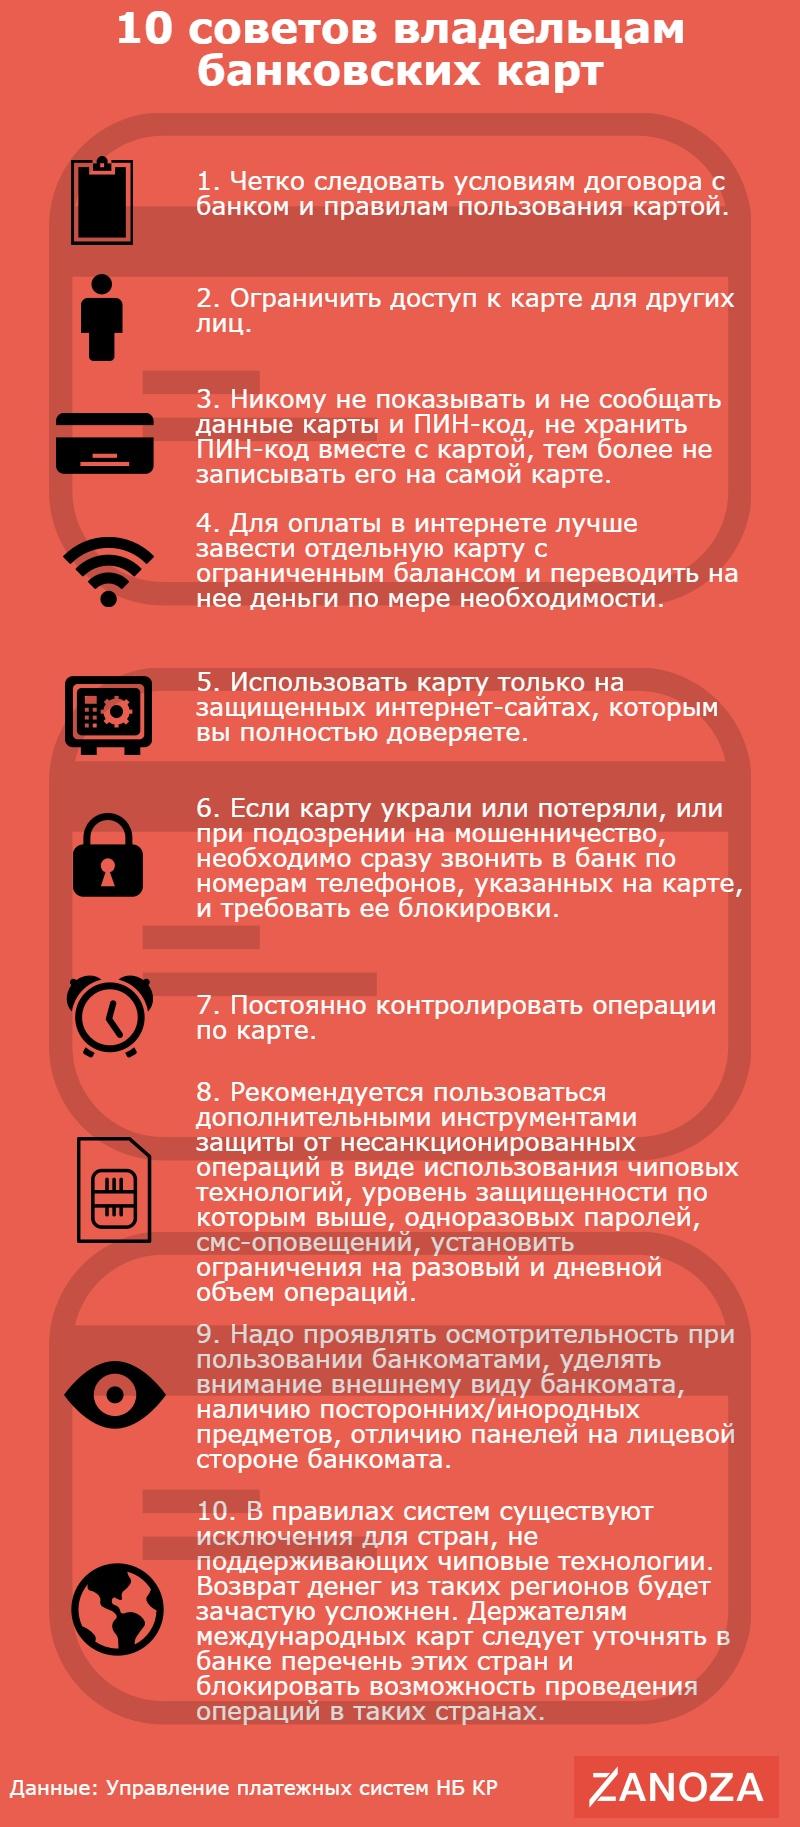 Квитанция об уплате госпошлины за развод через суд в москве